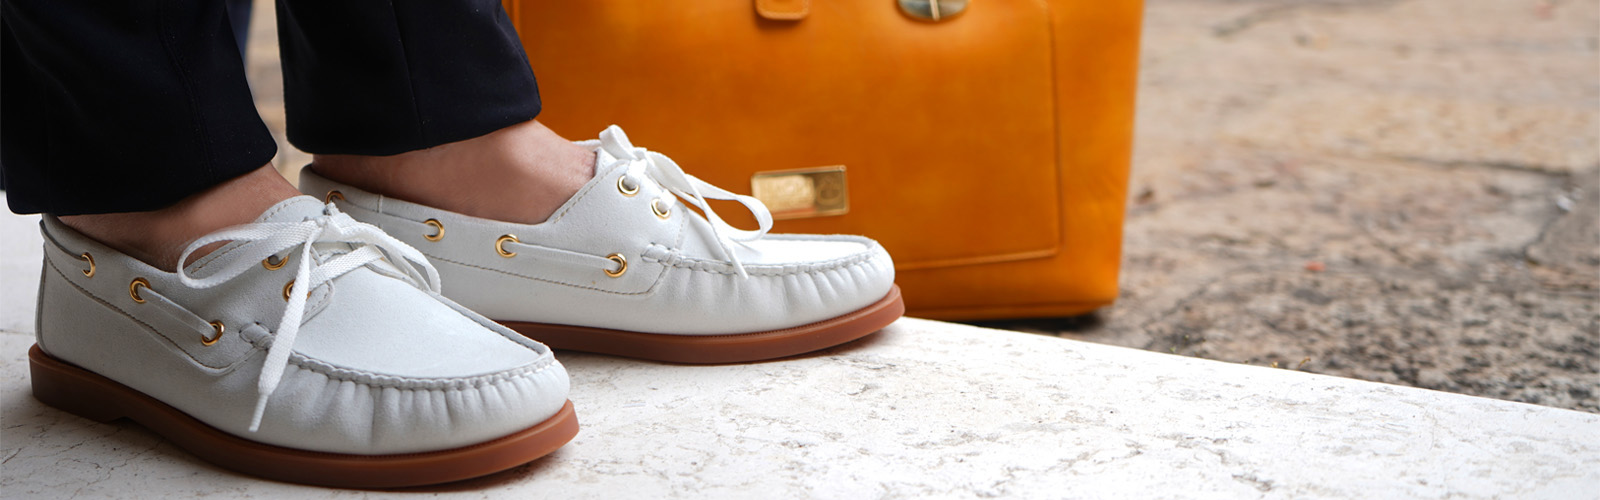 Chaussures de loisirs véganes pour elle